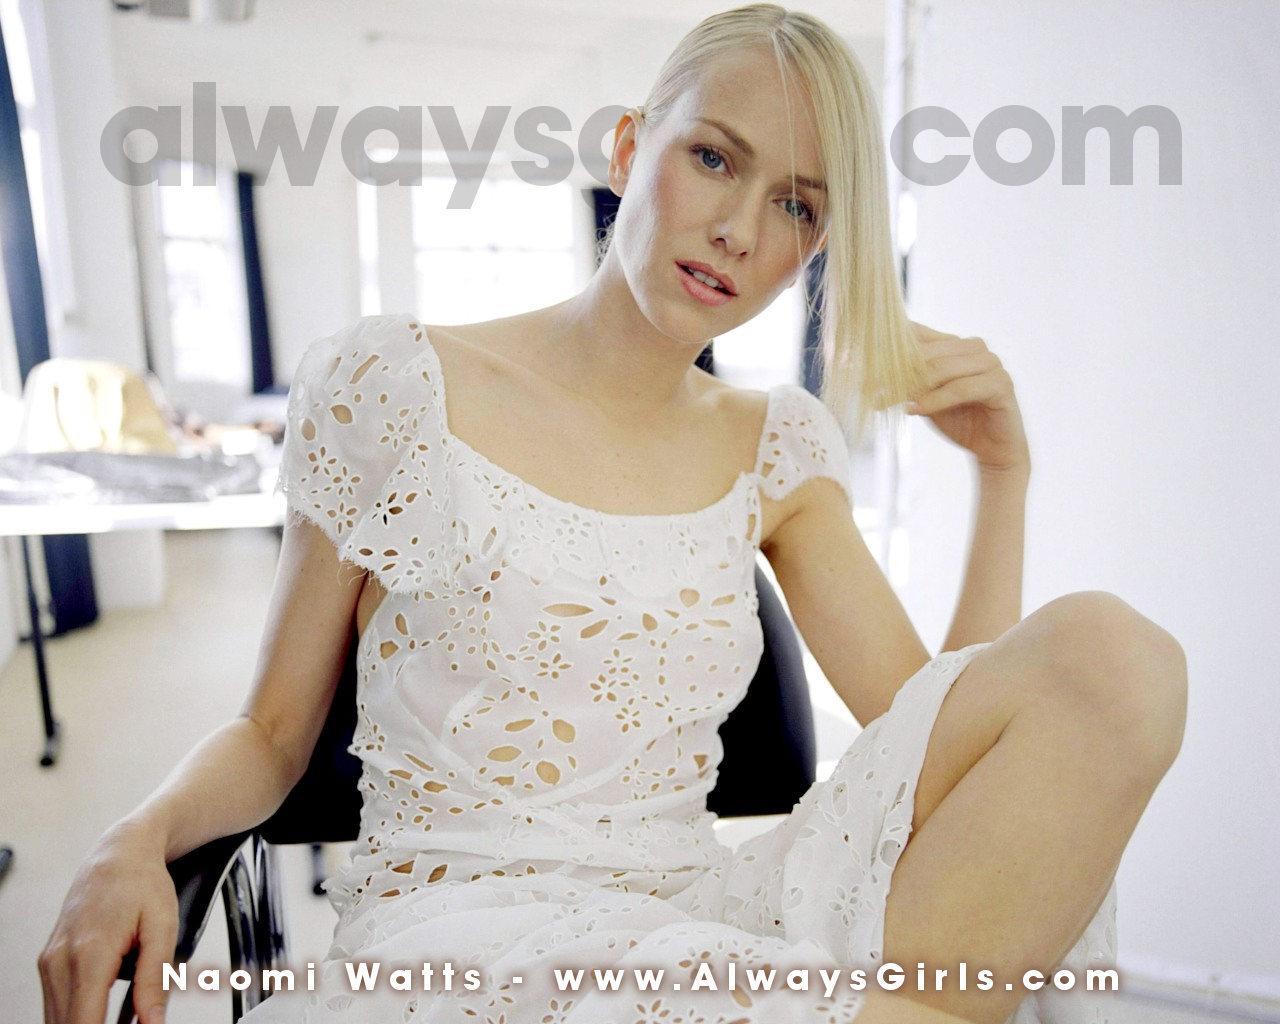 Naomi Watts   Naomi Watts Wallpaper 4809049 1280x1024